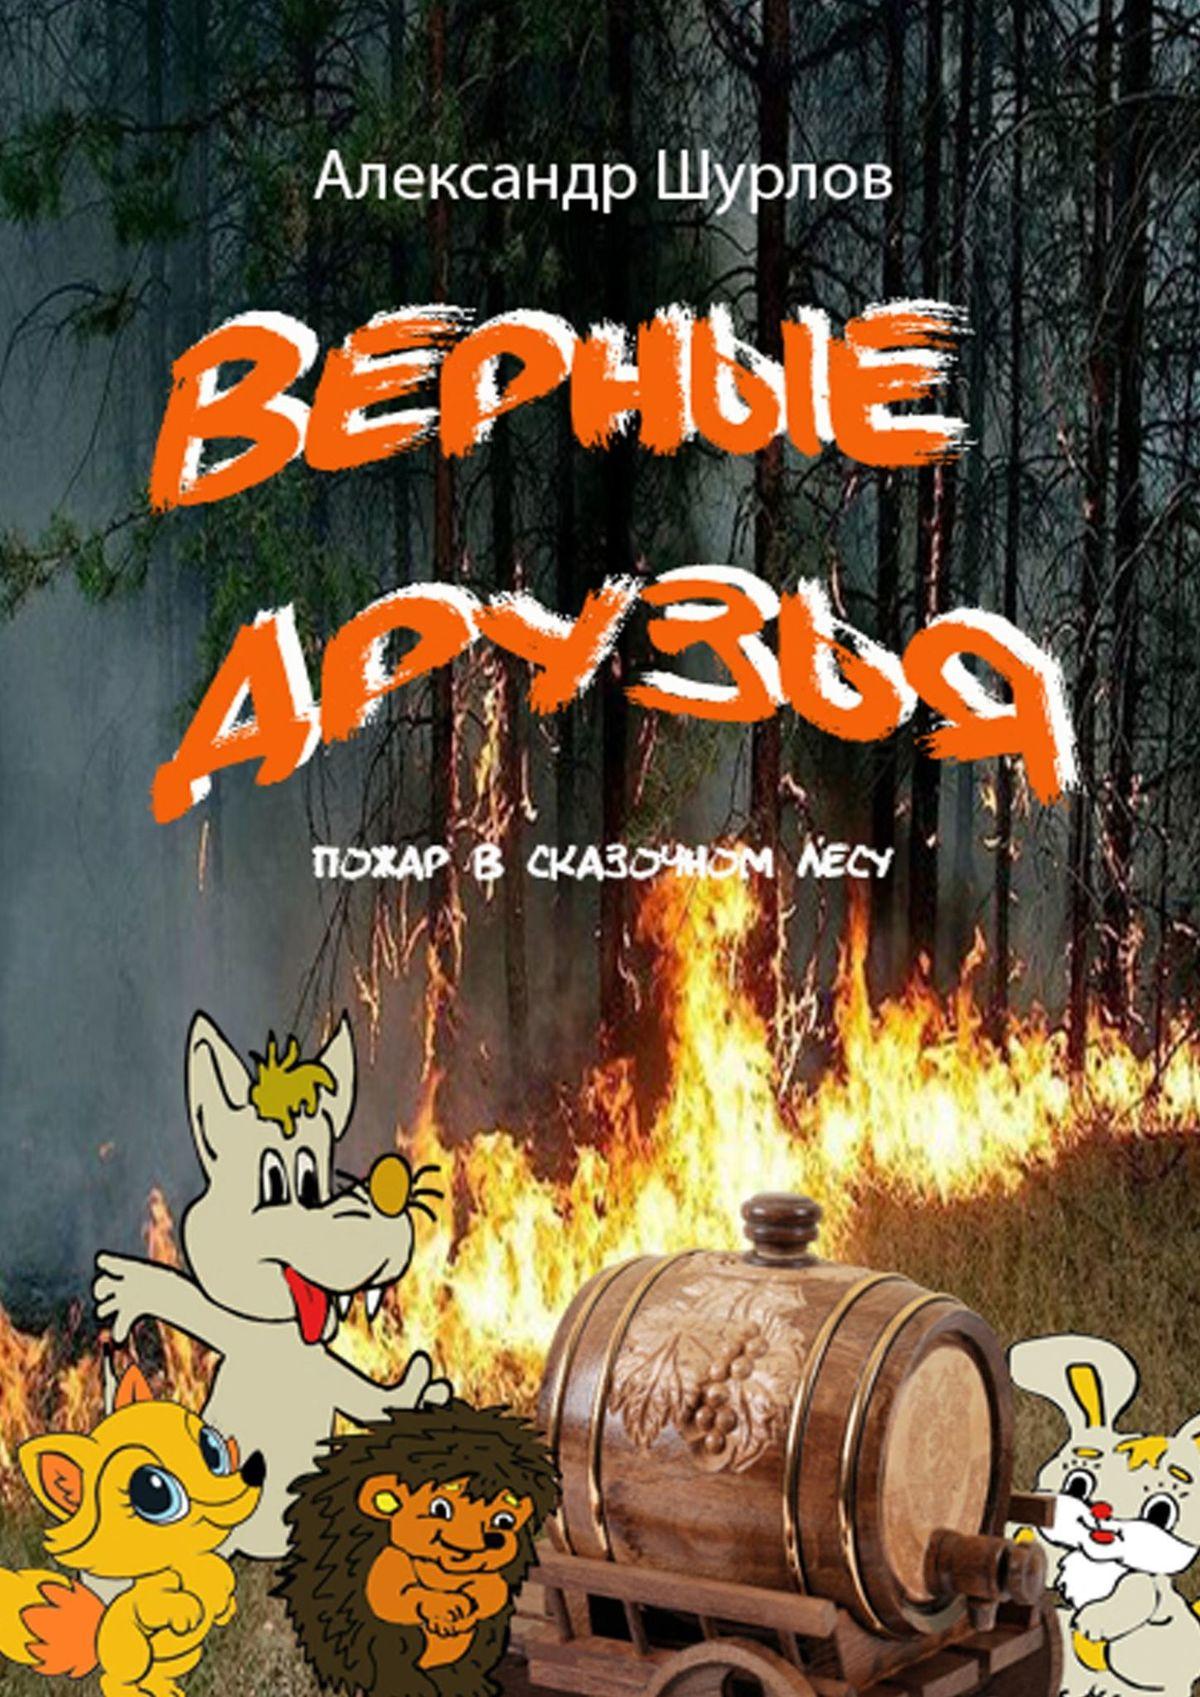 Александр Шурлов Верные друзья. Пожар в сказочном лесу